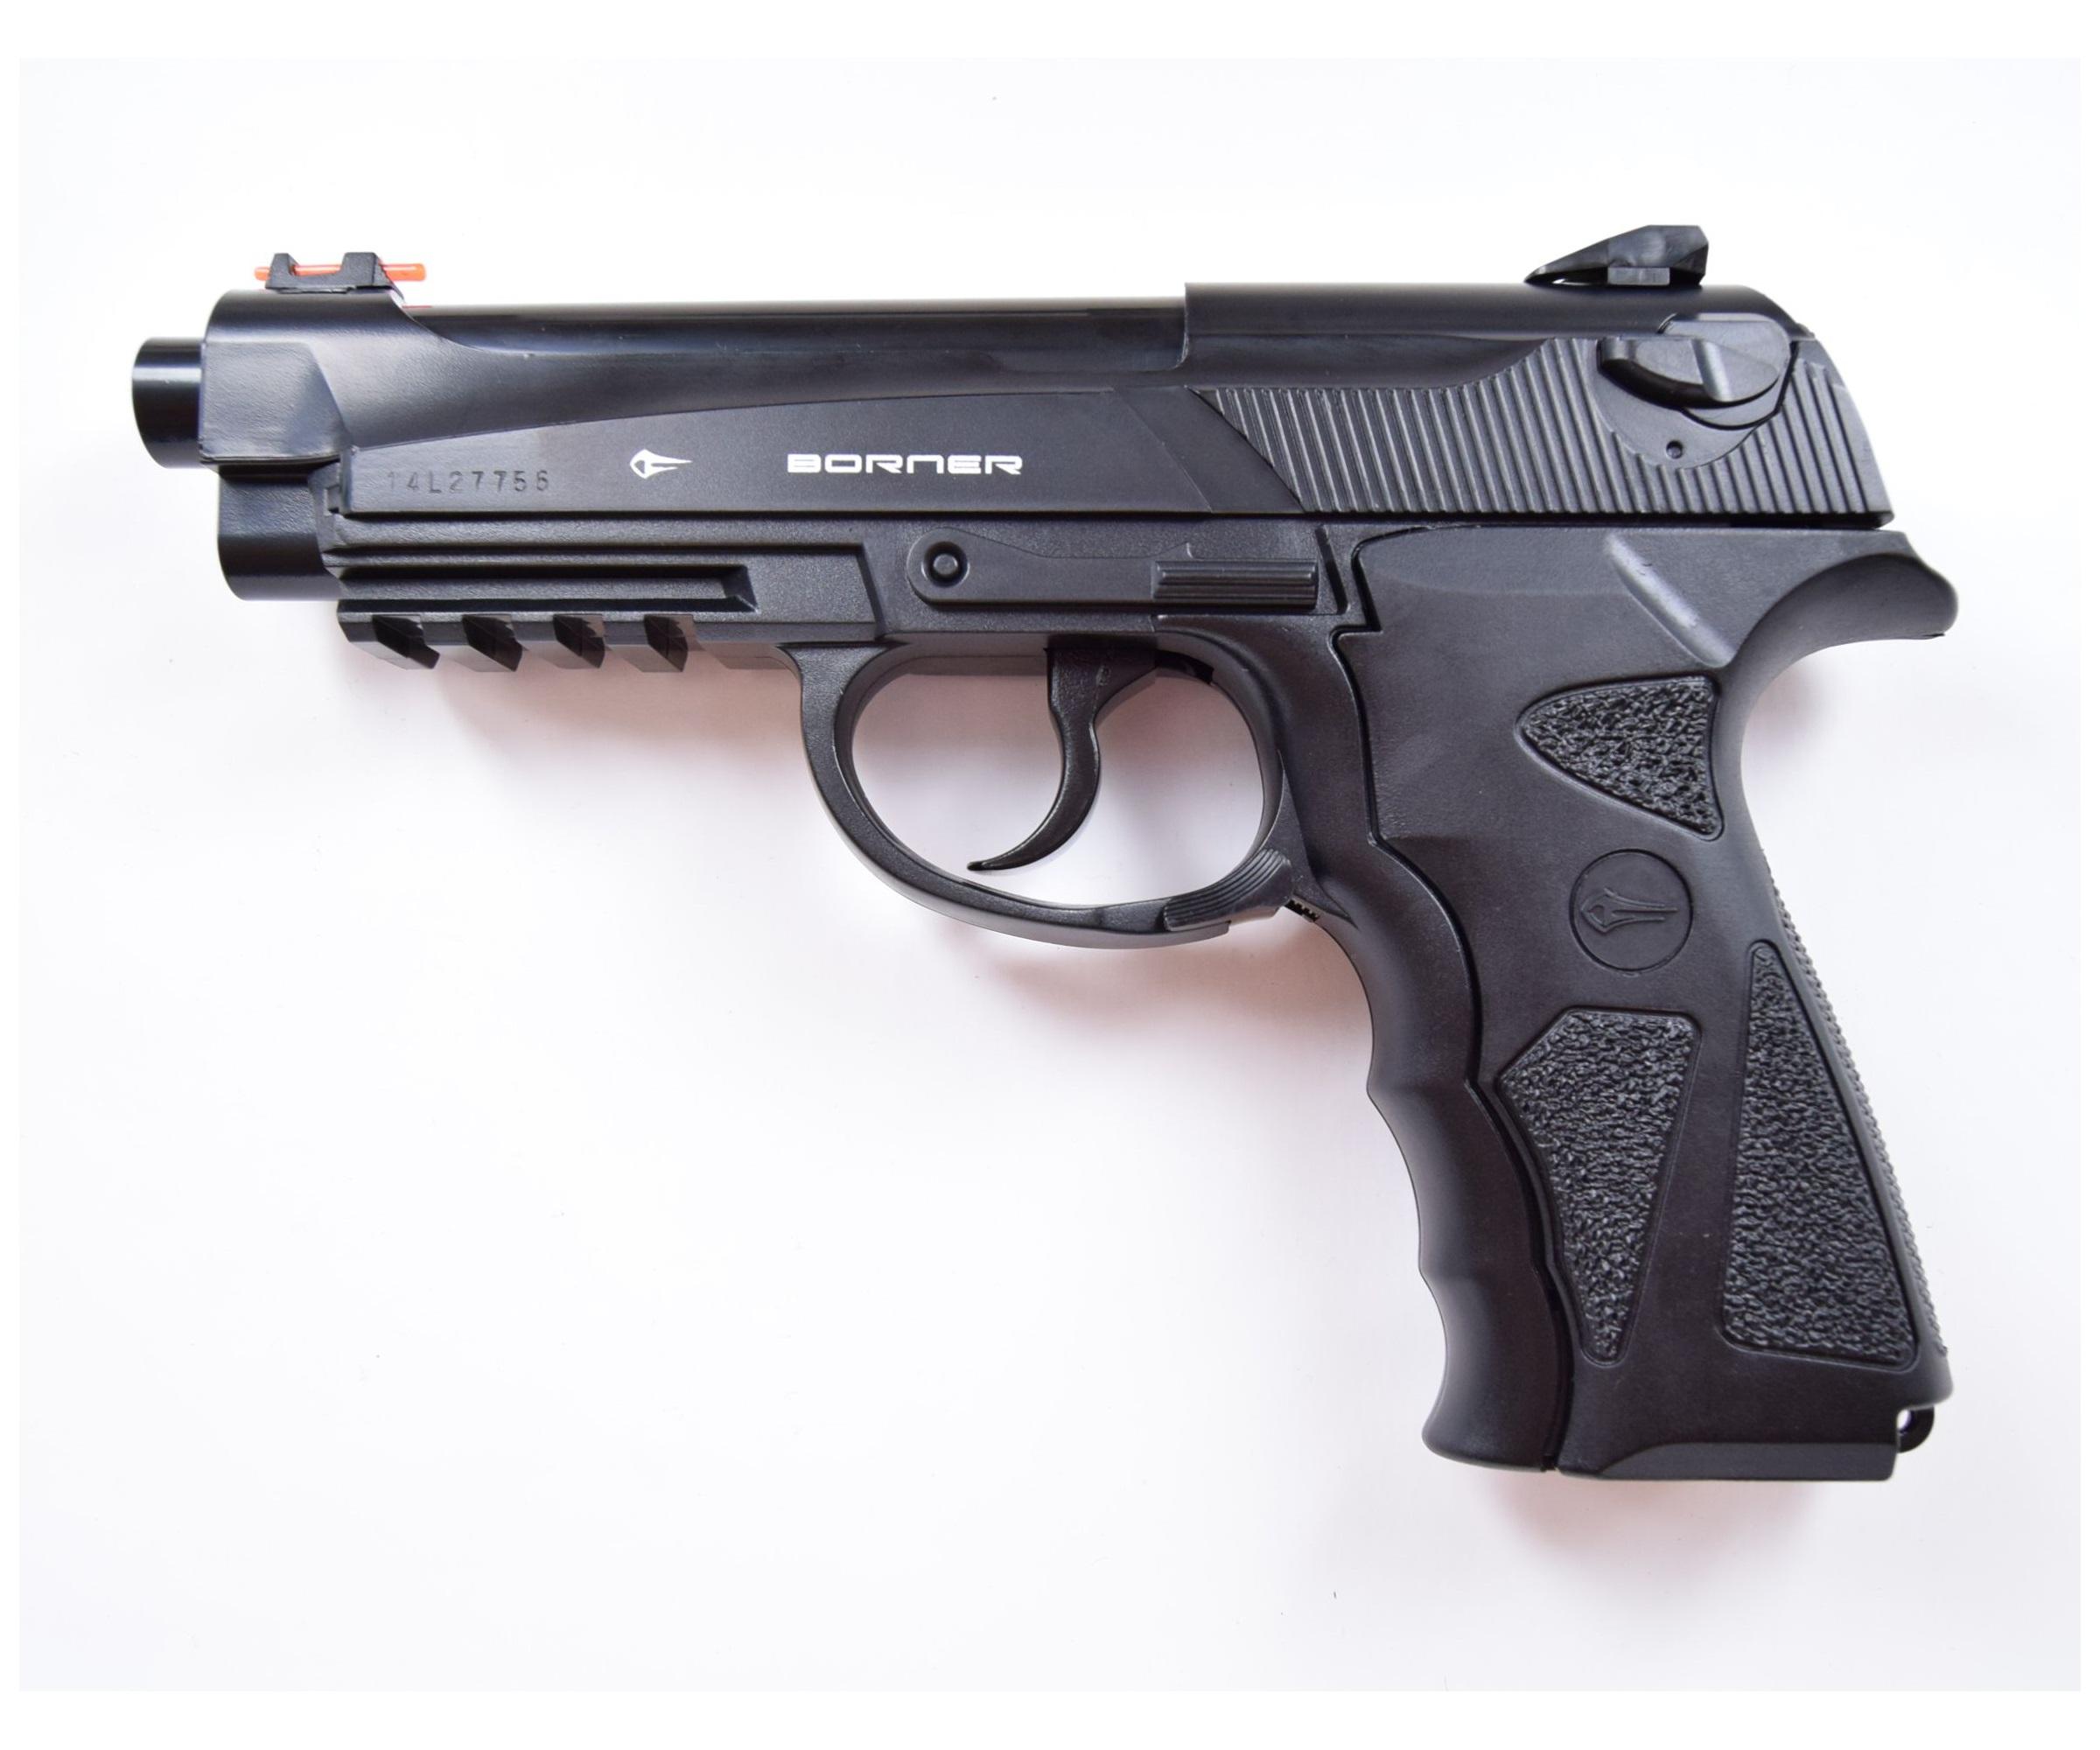 Пневматический пистолет Borner Sport 306 (Beretta) купить! Цена в Москве, СПБ